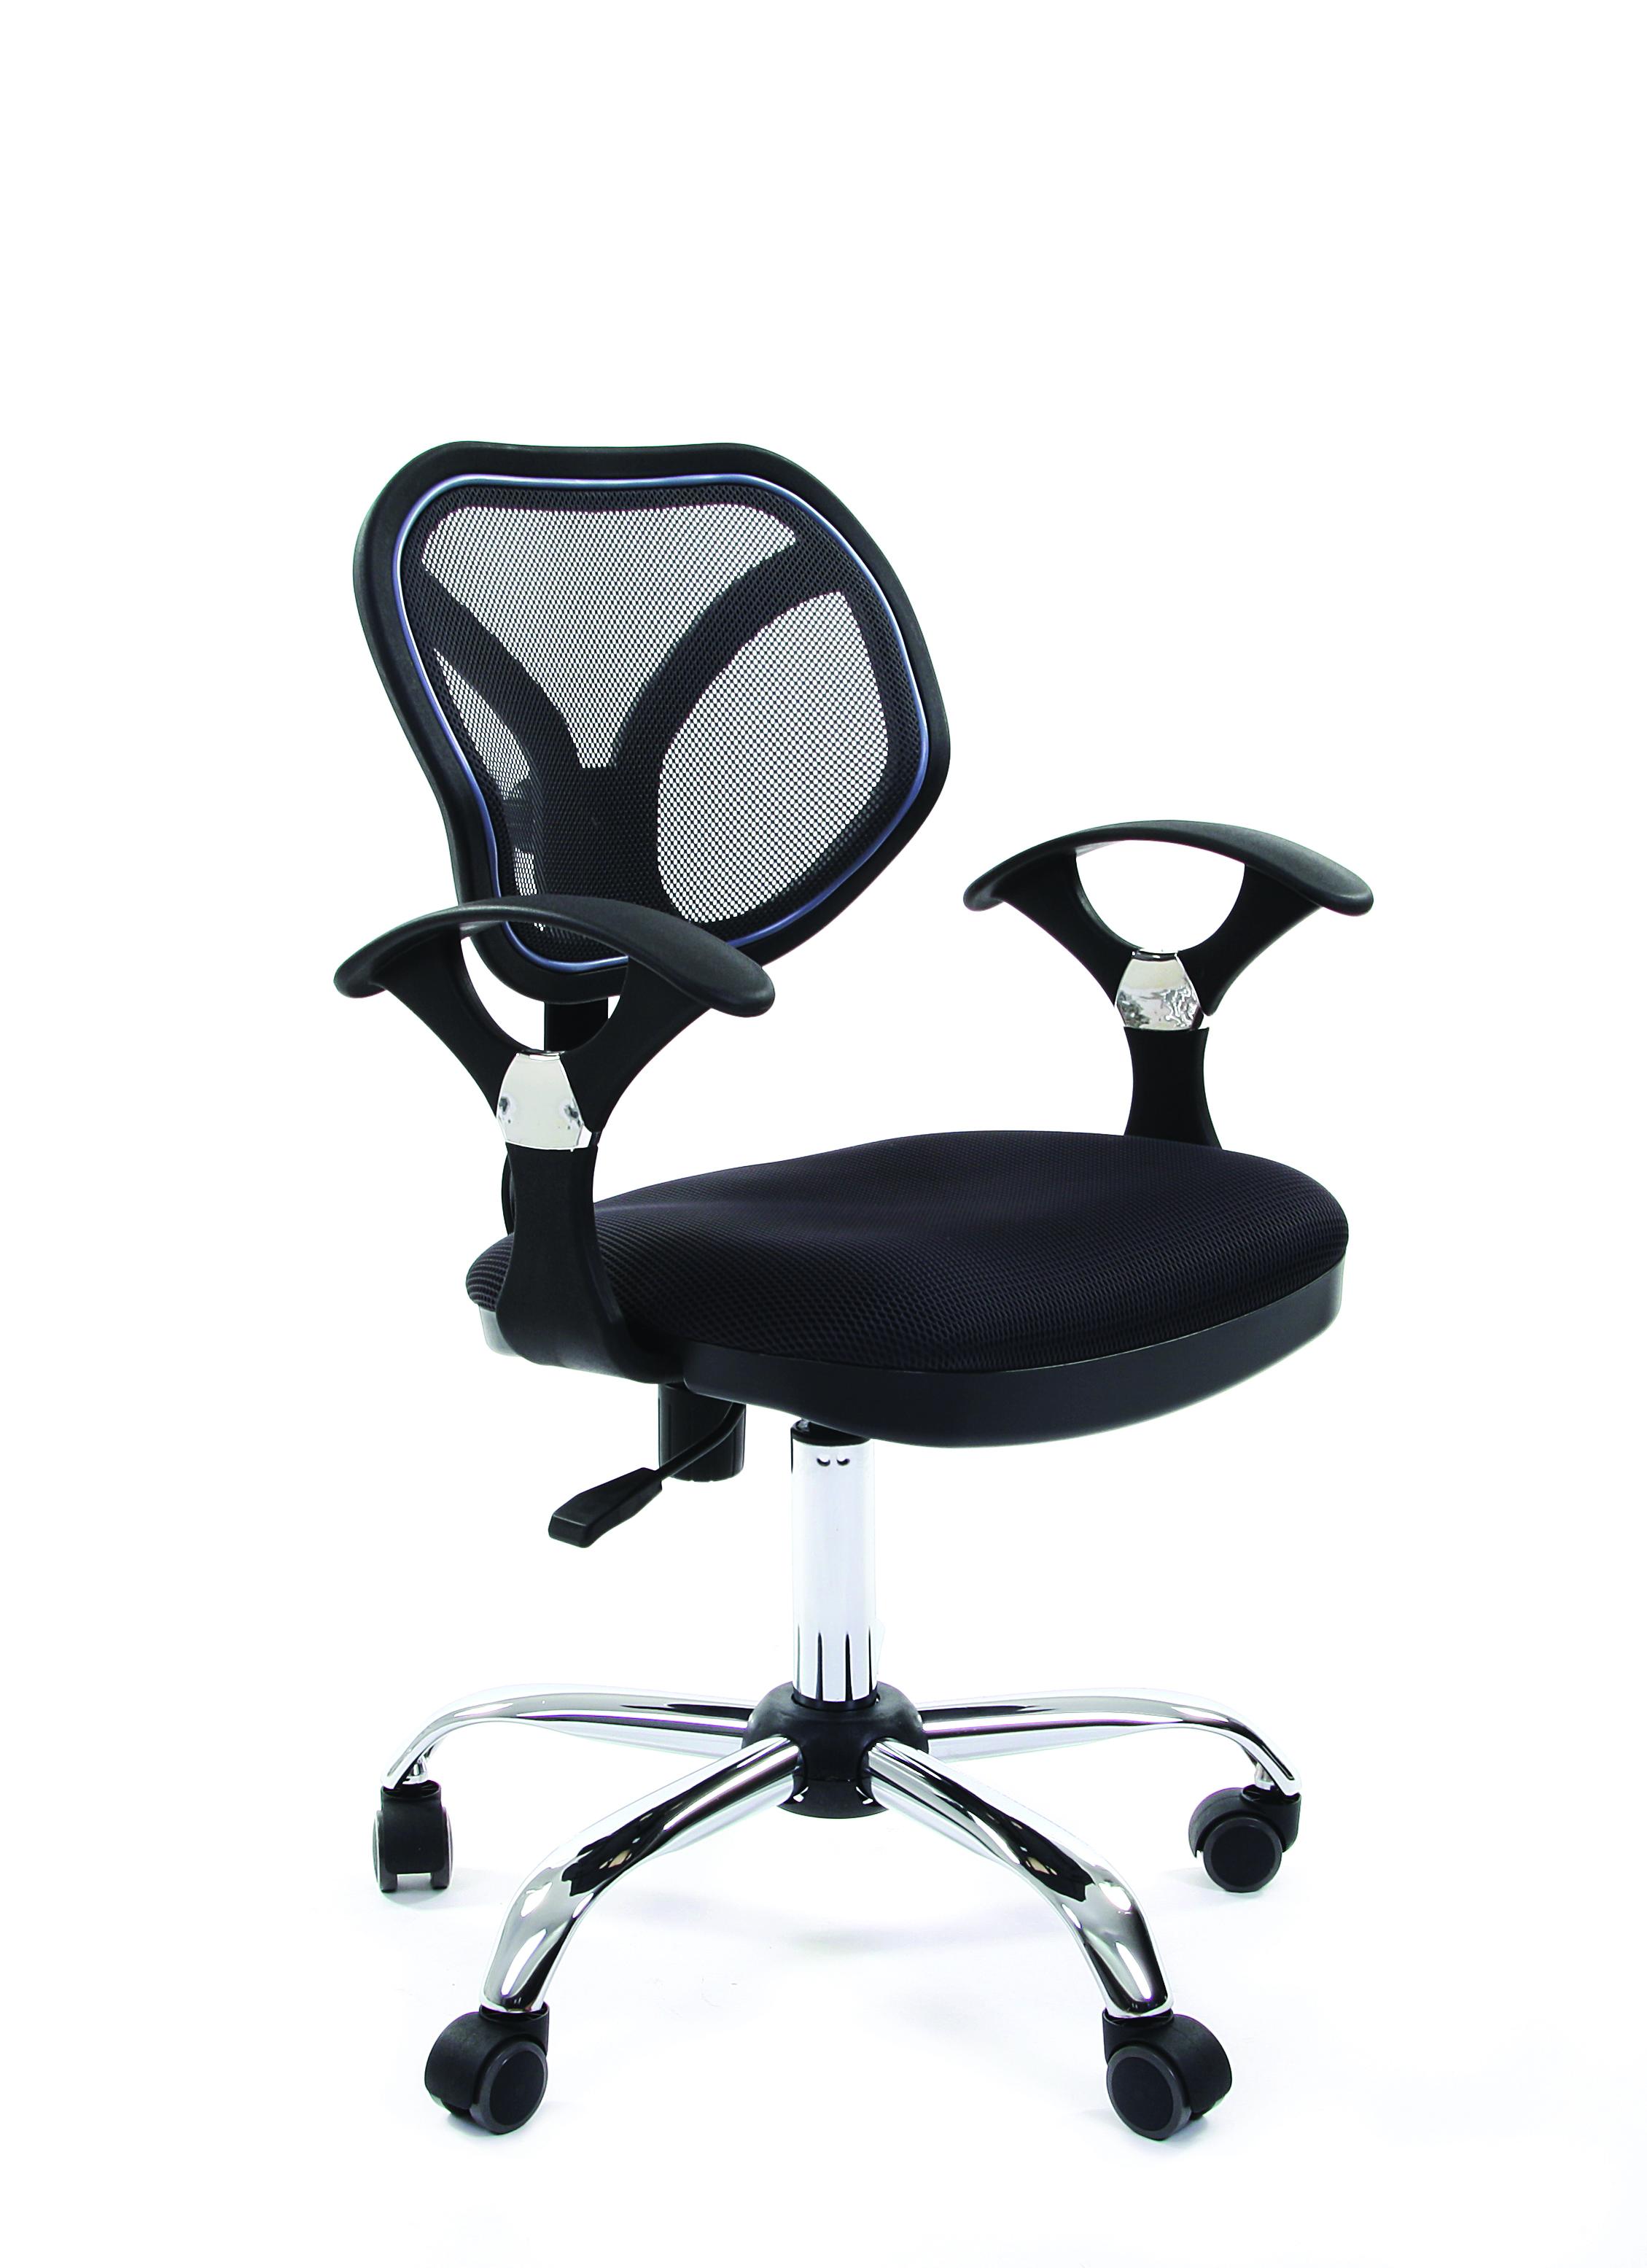 Офисное кресло CHAIRMAN 3806080047Интересное кресло. Компактное - и при этом удобное и комфортное: сетчатая спинка, эргономичные подлокотники... Простое и лаконичное - и в то же время яркое: хромированные элементы и оригинальная, необычная форма спинки. В общем - настоящее операторское кресло нового поколения.